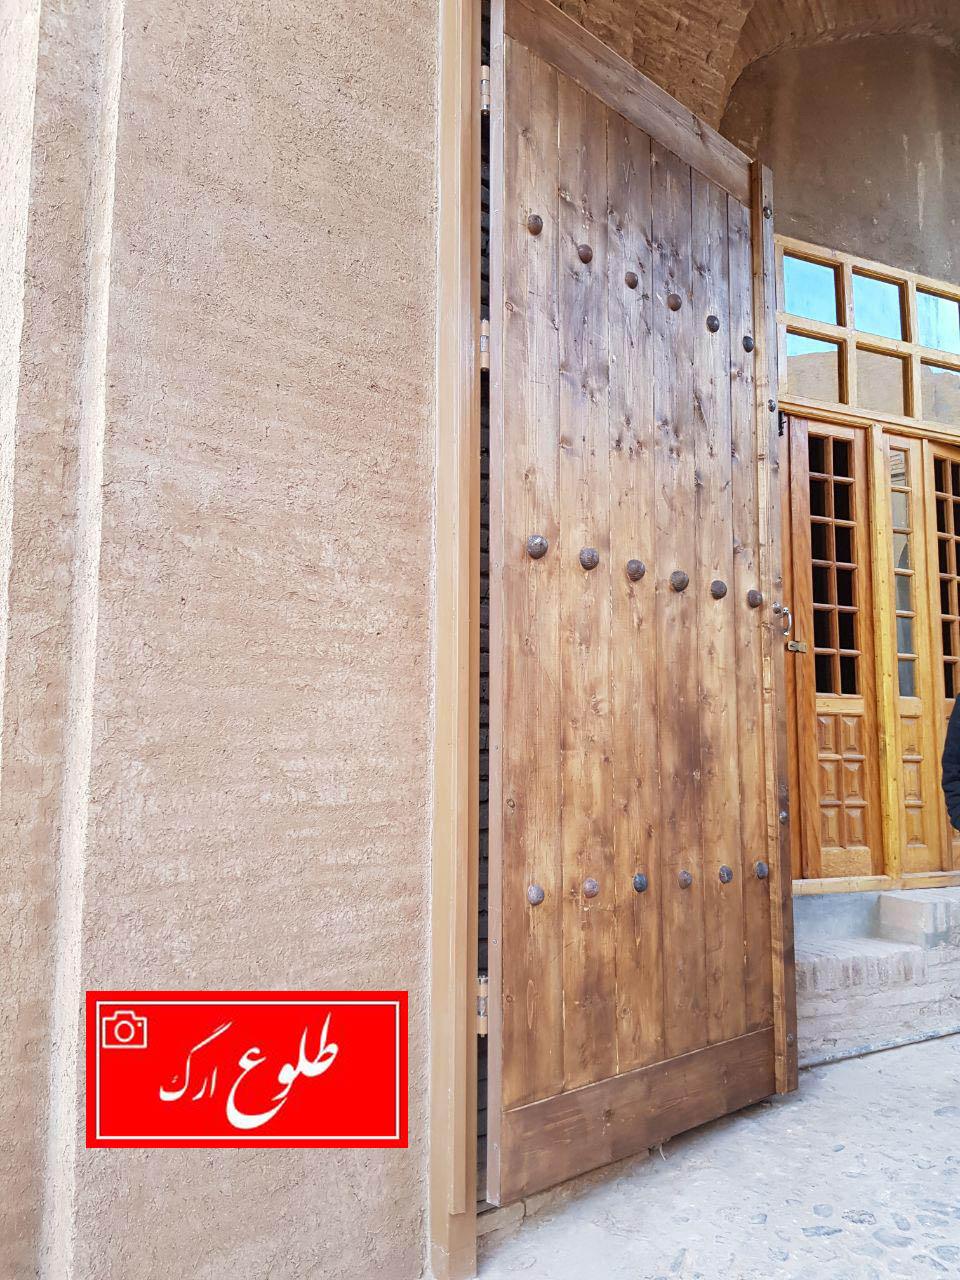 در ساخت درب چوبی دروازه اصلی ارگ از همان درب قبلی الگو گرفتهایم